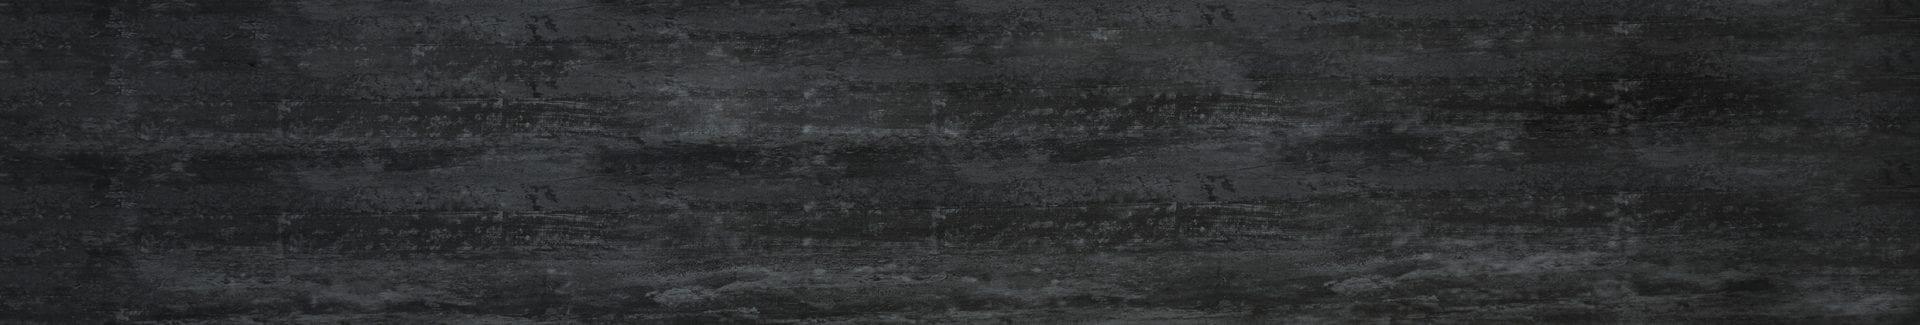 Dusky Black Full Length Square Edge Kitchen Worktop